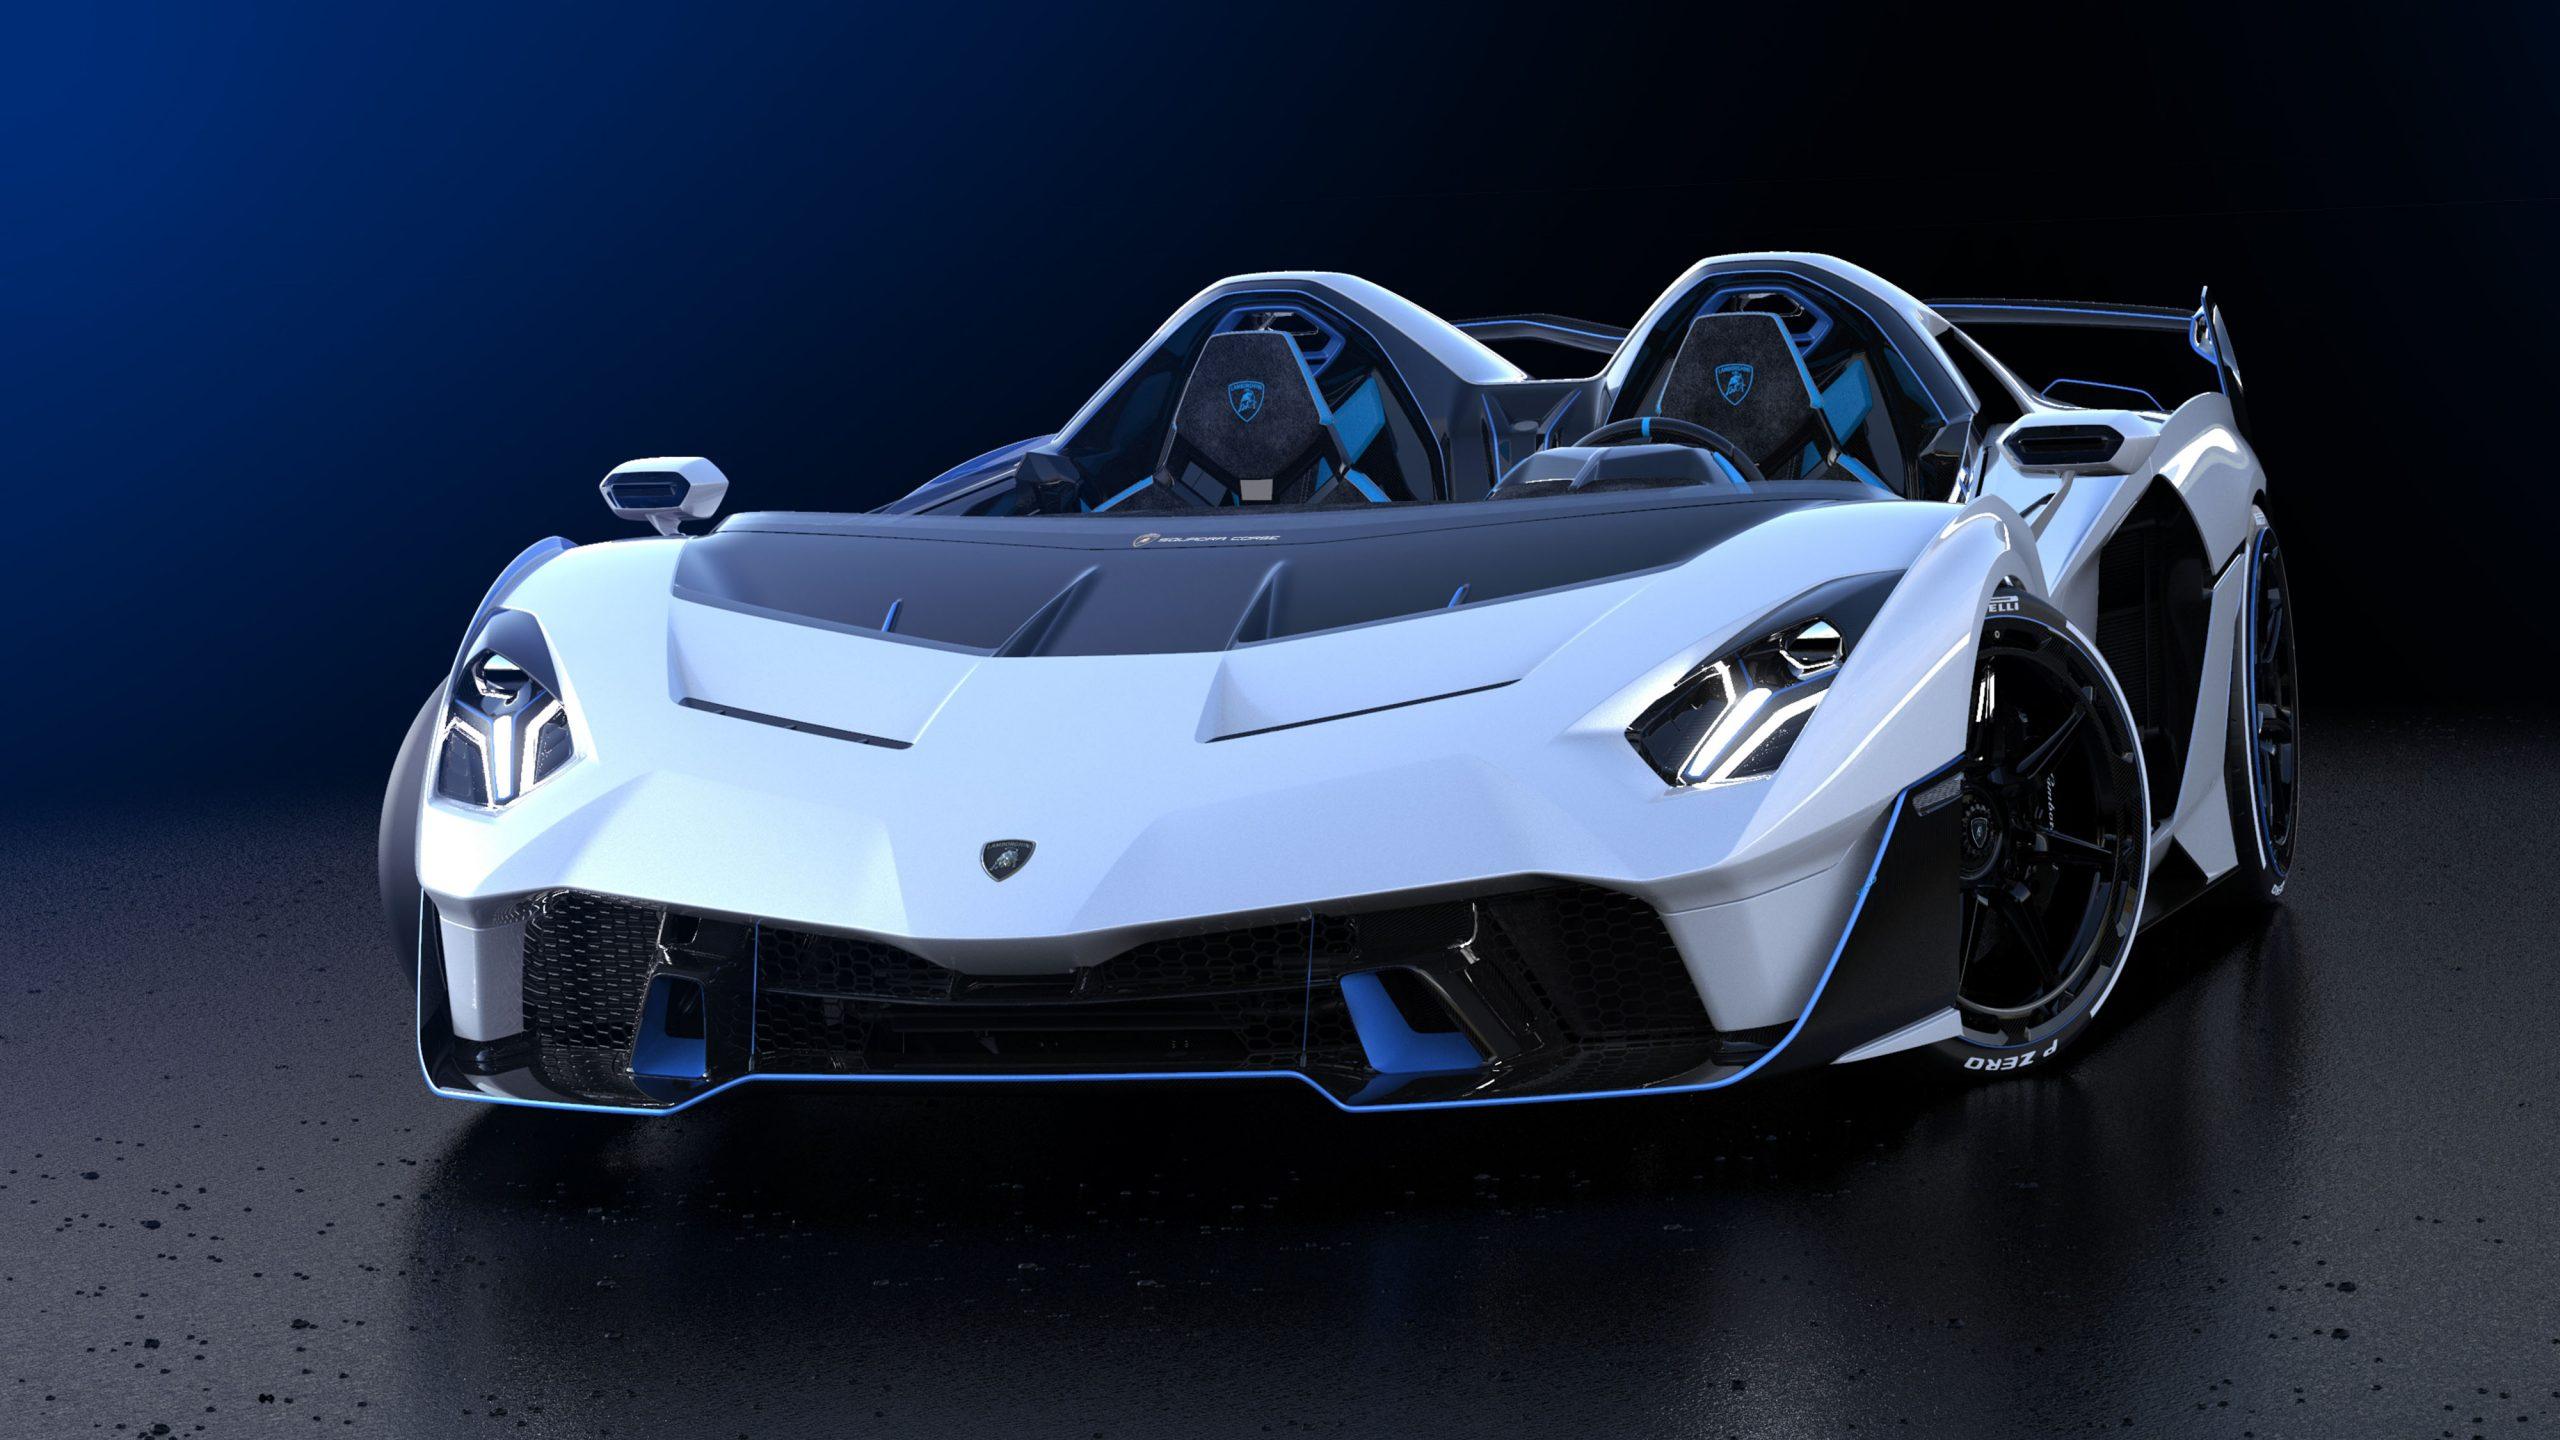 Lamborghini Exterior